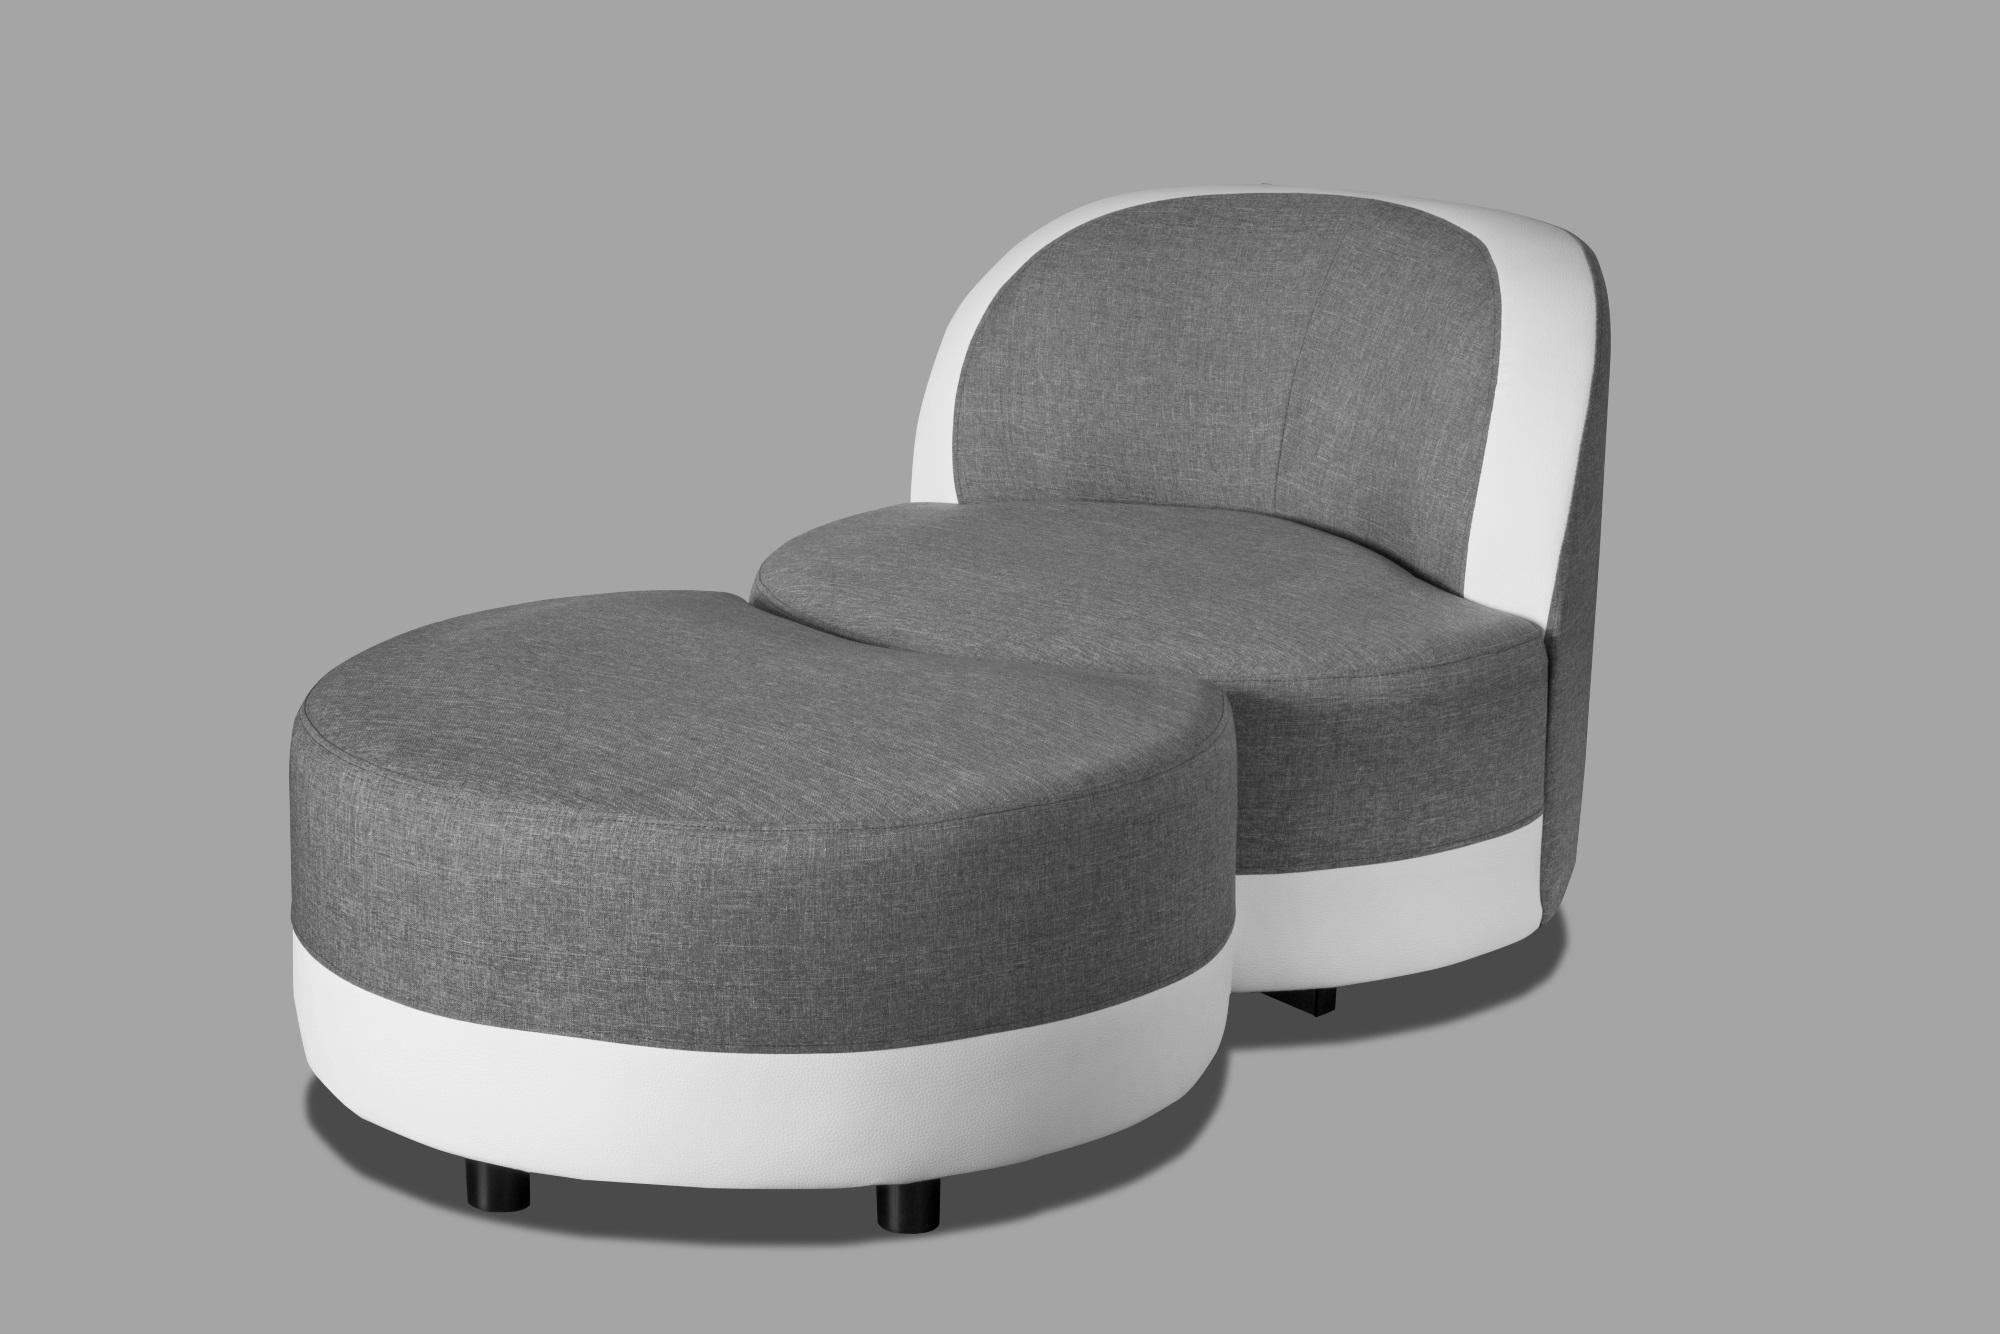 Fauteuil pivotant design rond en tissu gris/blanc avec pouf Manureva